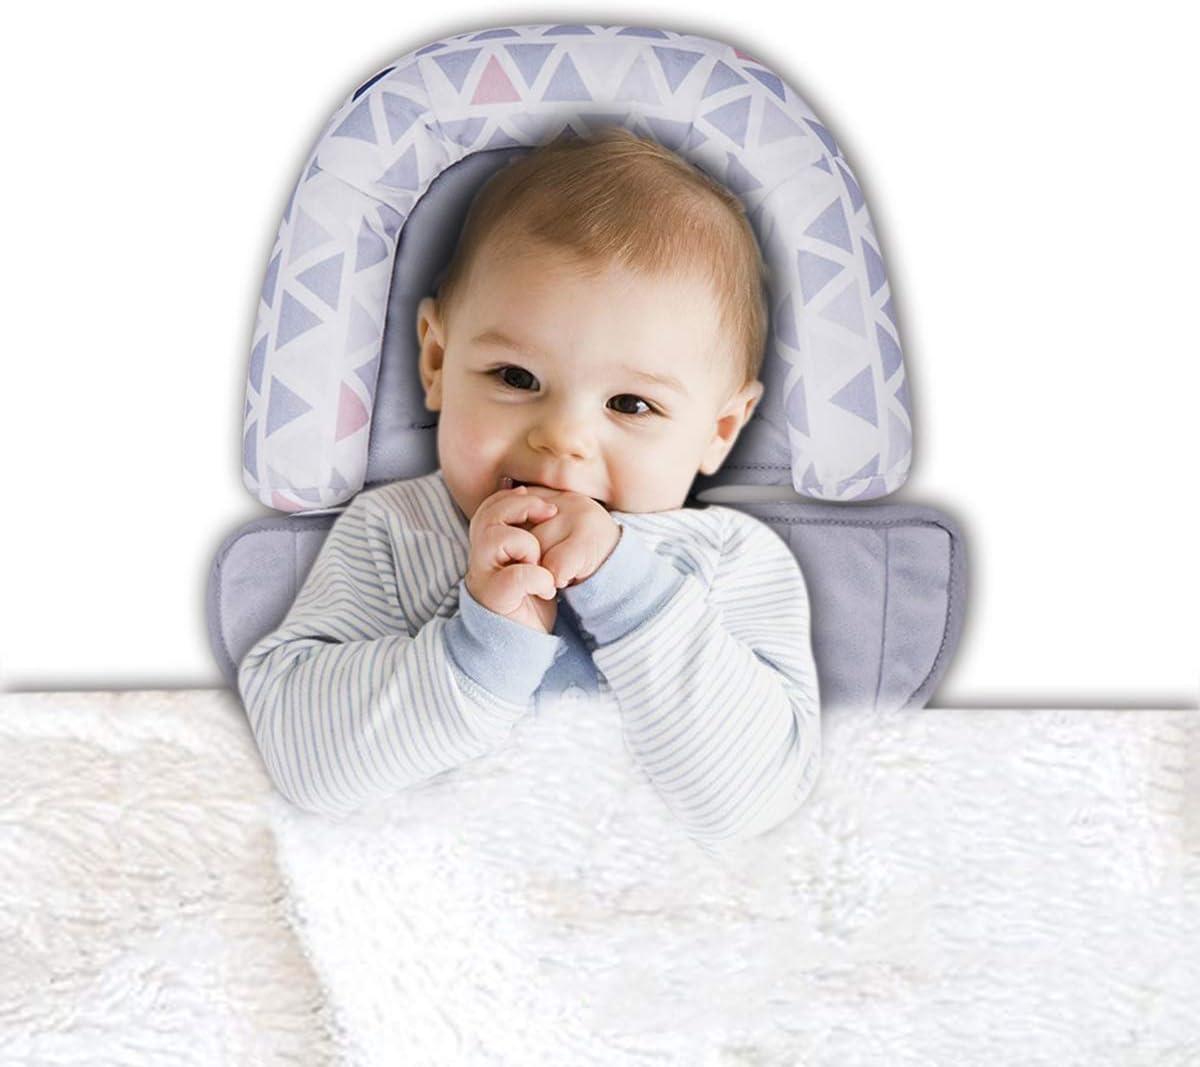 Almohada para Bebe portátil almohada para el cuidado del bebé silla paseante asiento de carro reclinable cuna colchón